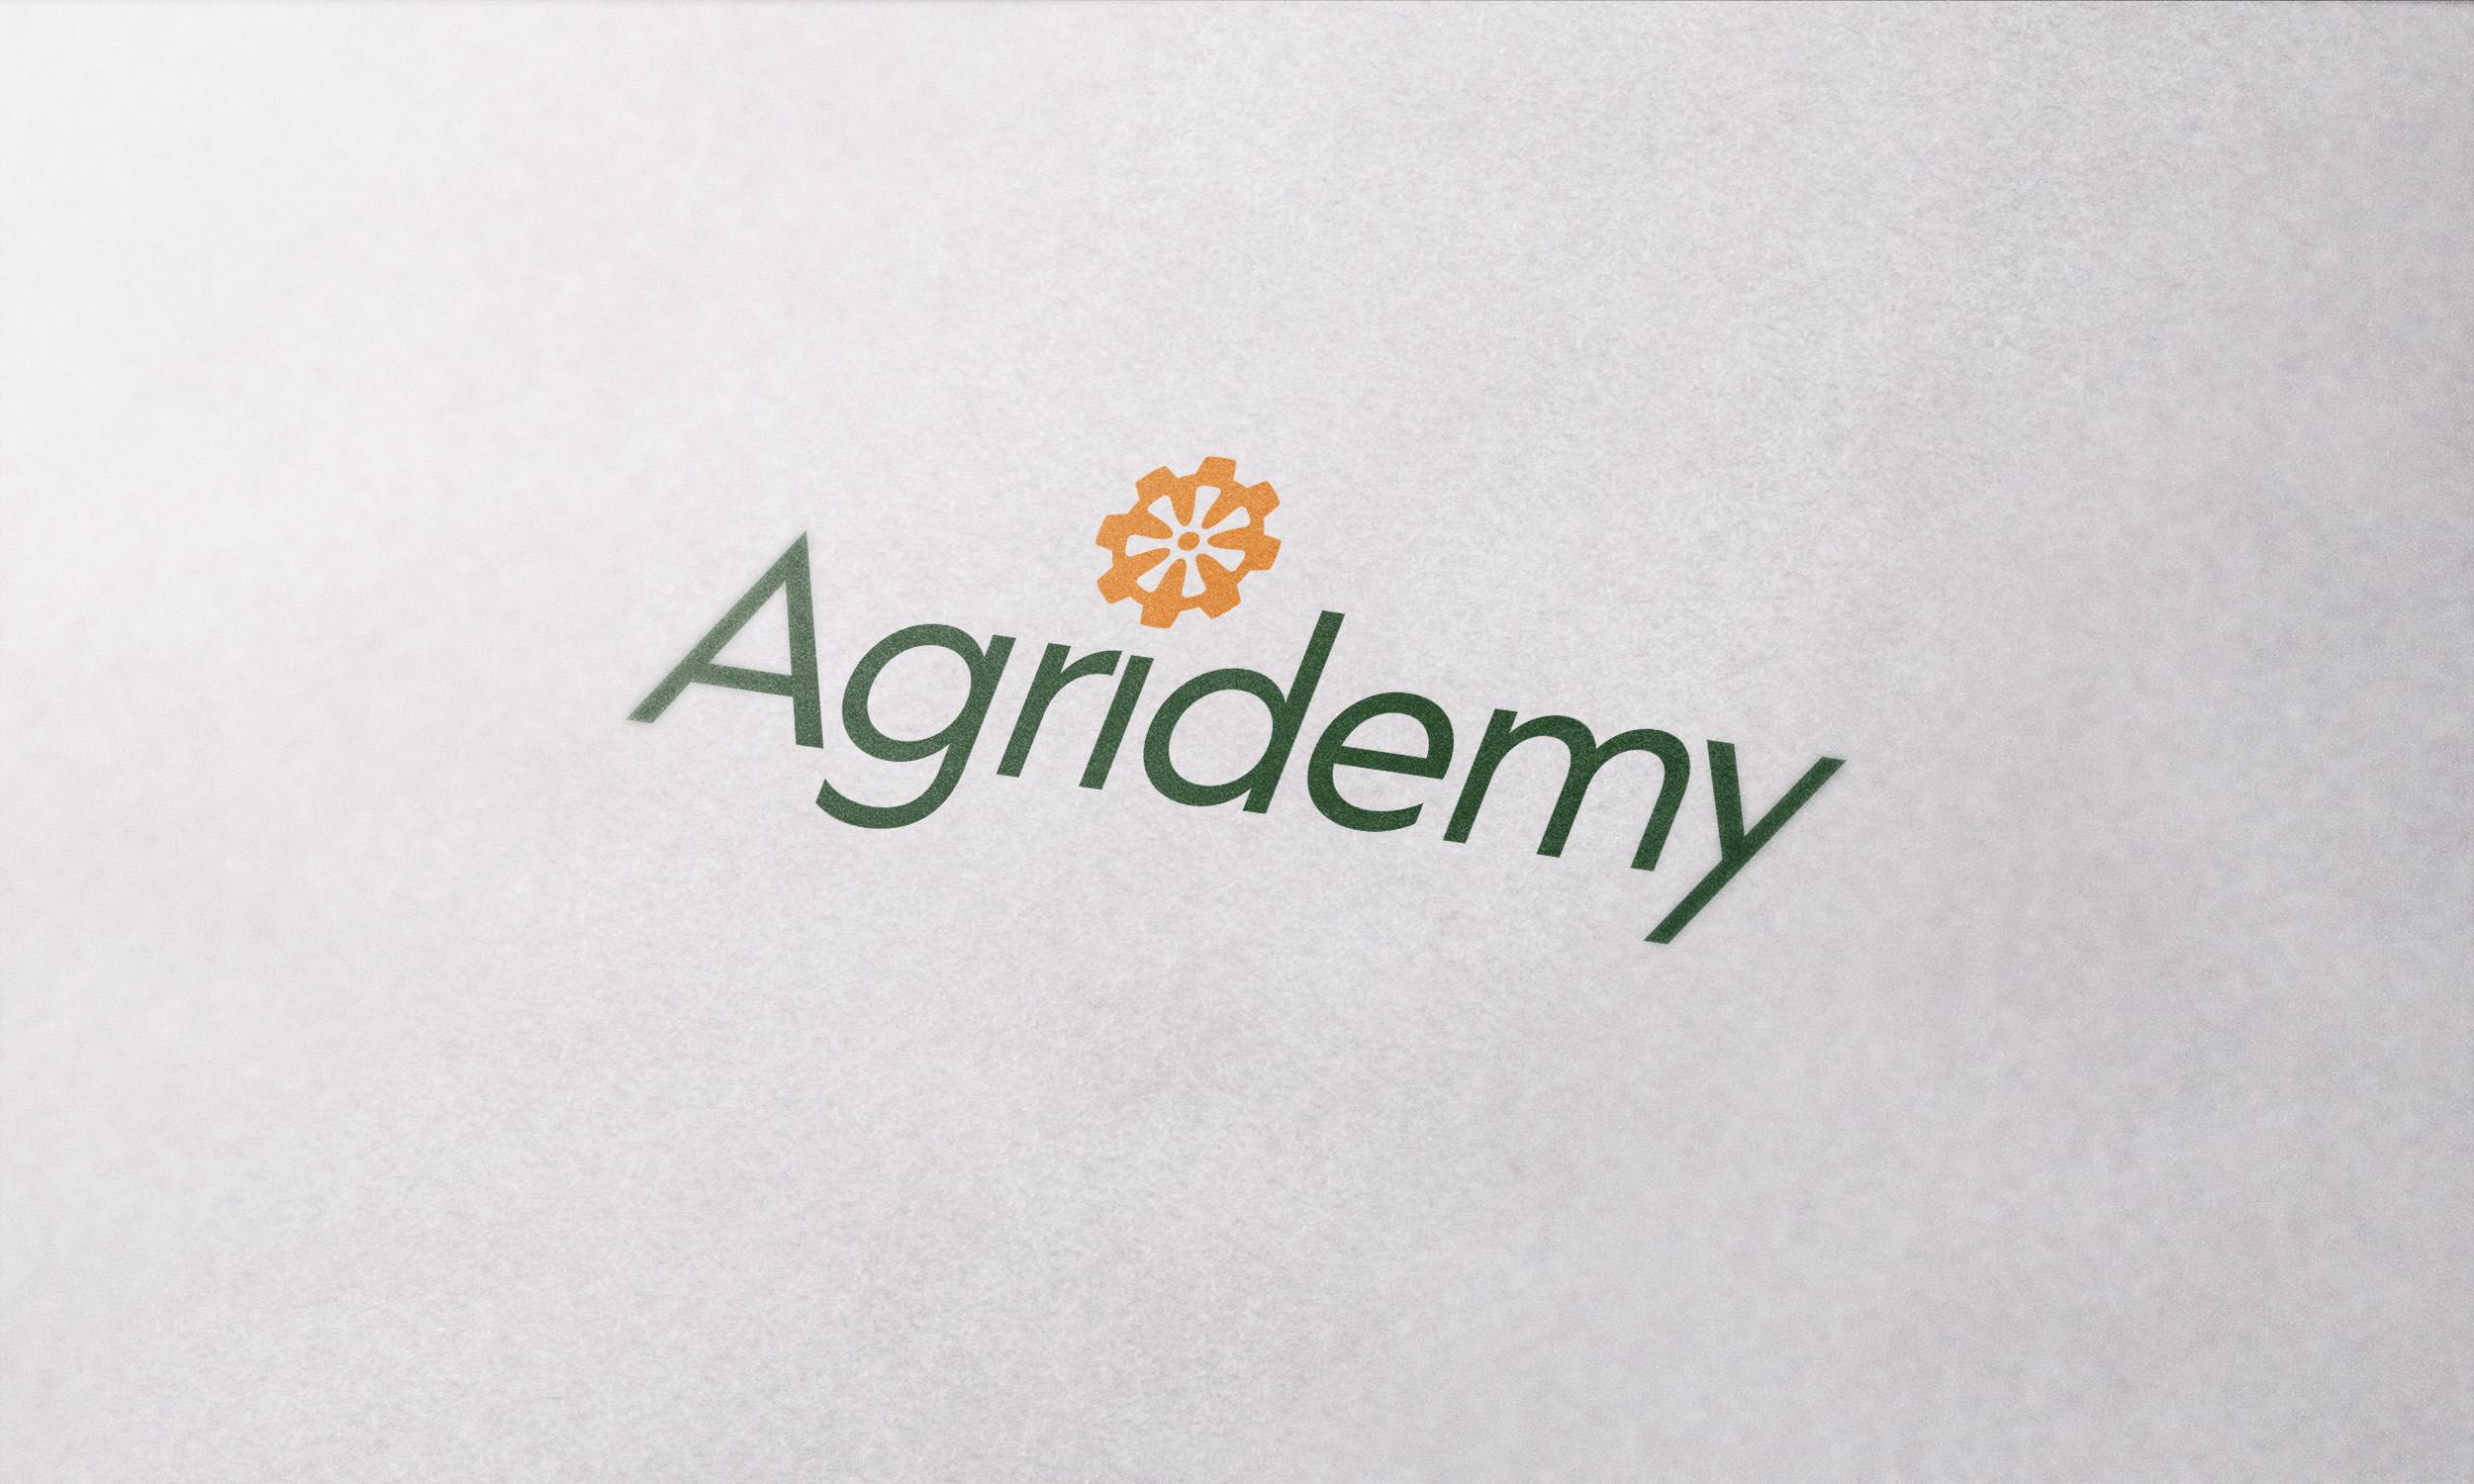 agridemy-logo-3